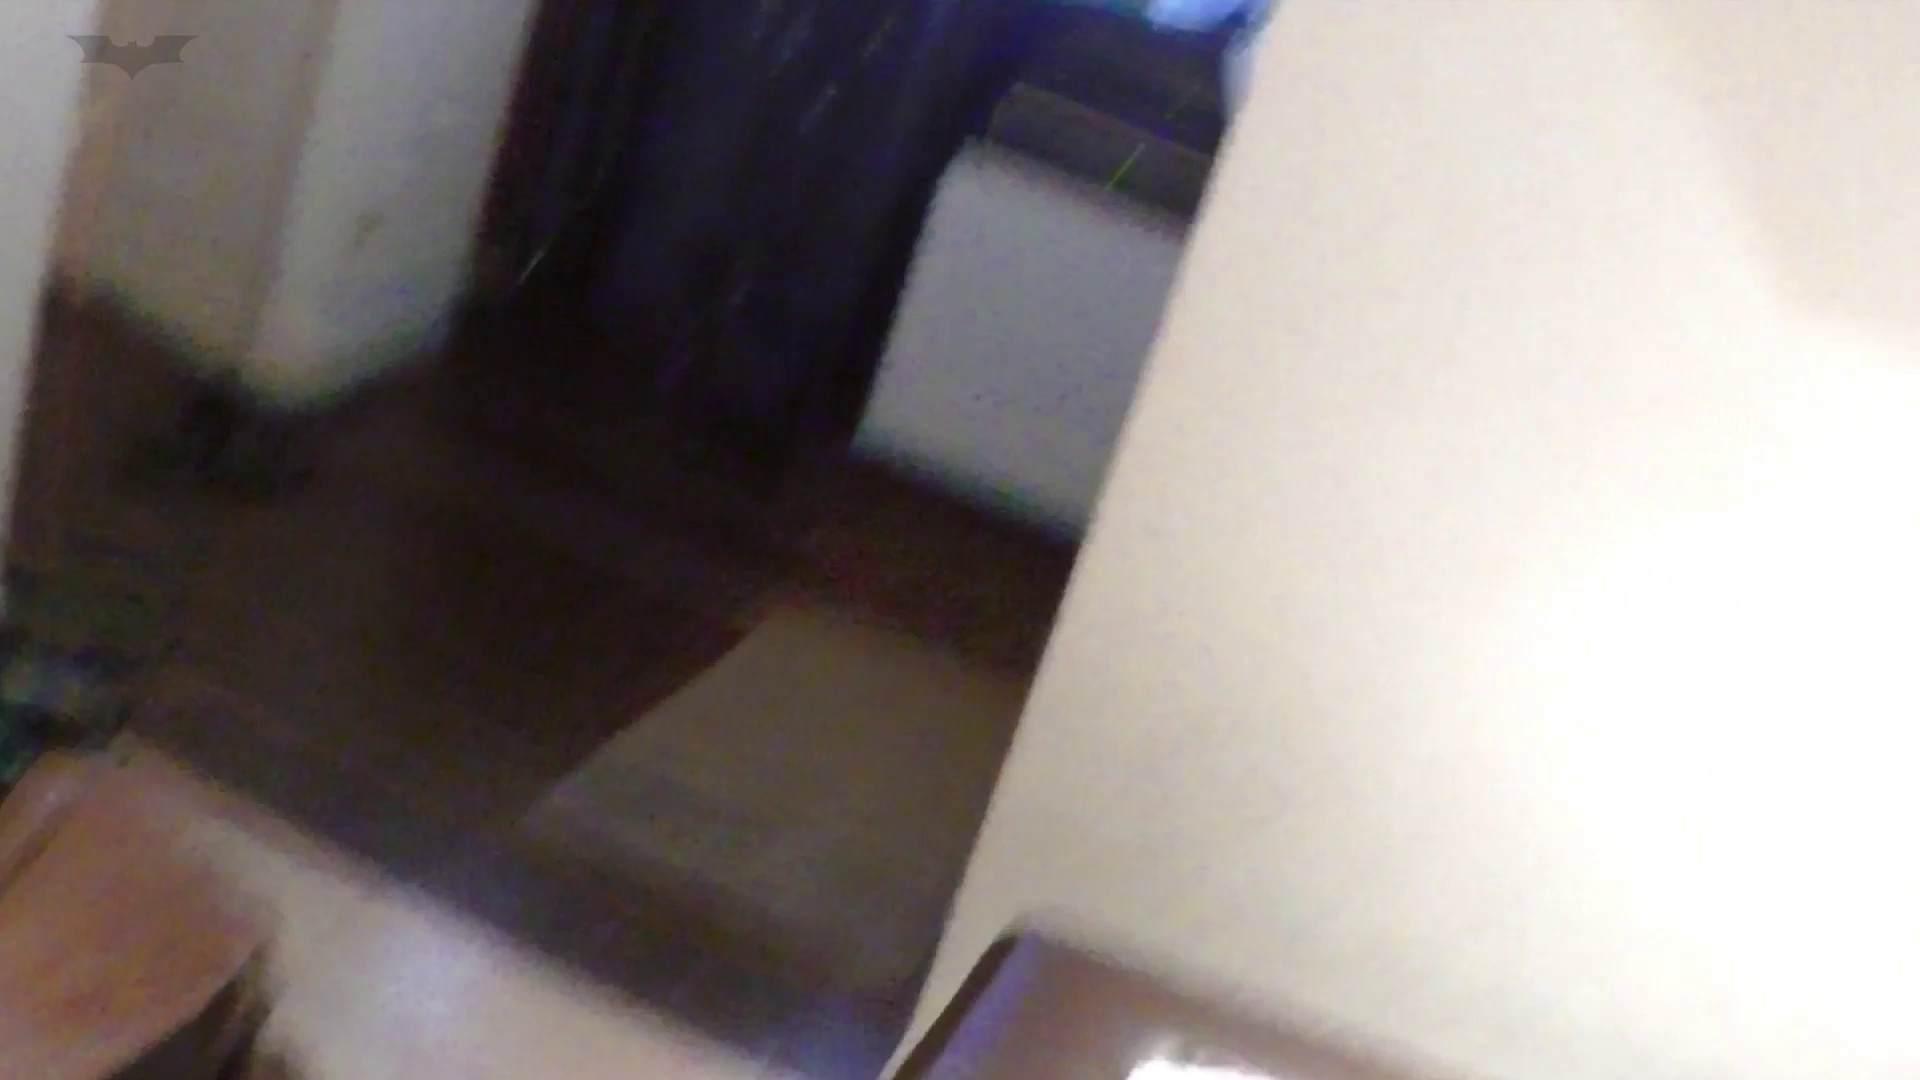 内緒でデリヘル盗撮 Vol.03前編 美肌、美人のデリ嬢の舌使いは抜群!! お姉さん  89PIX 65